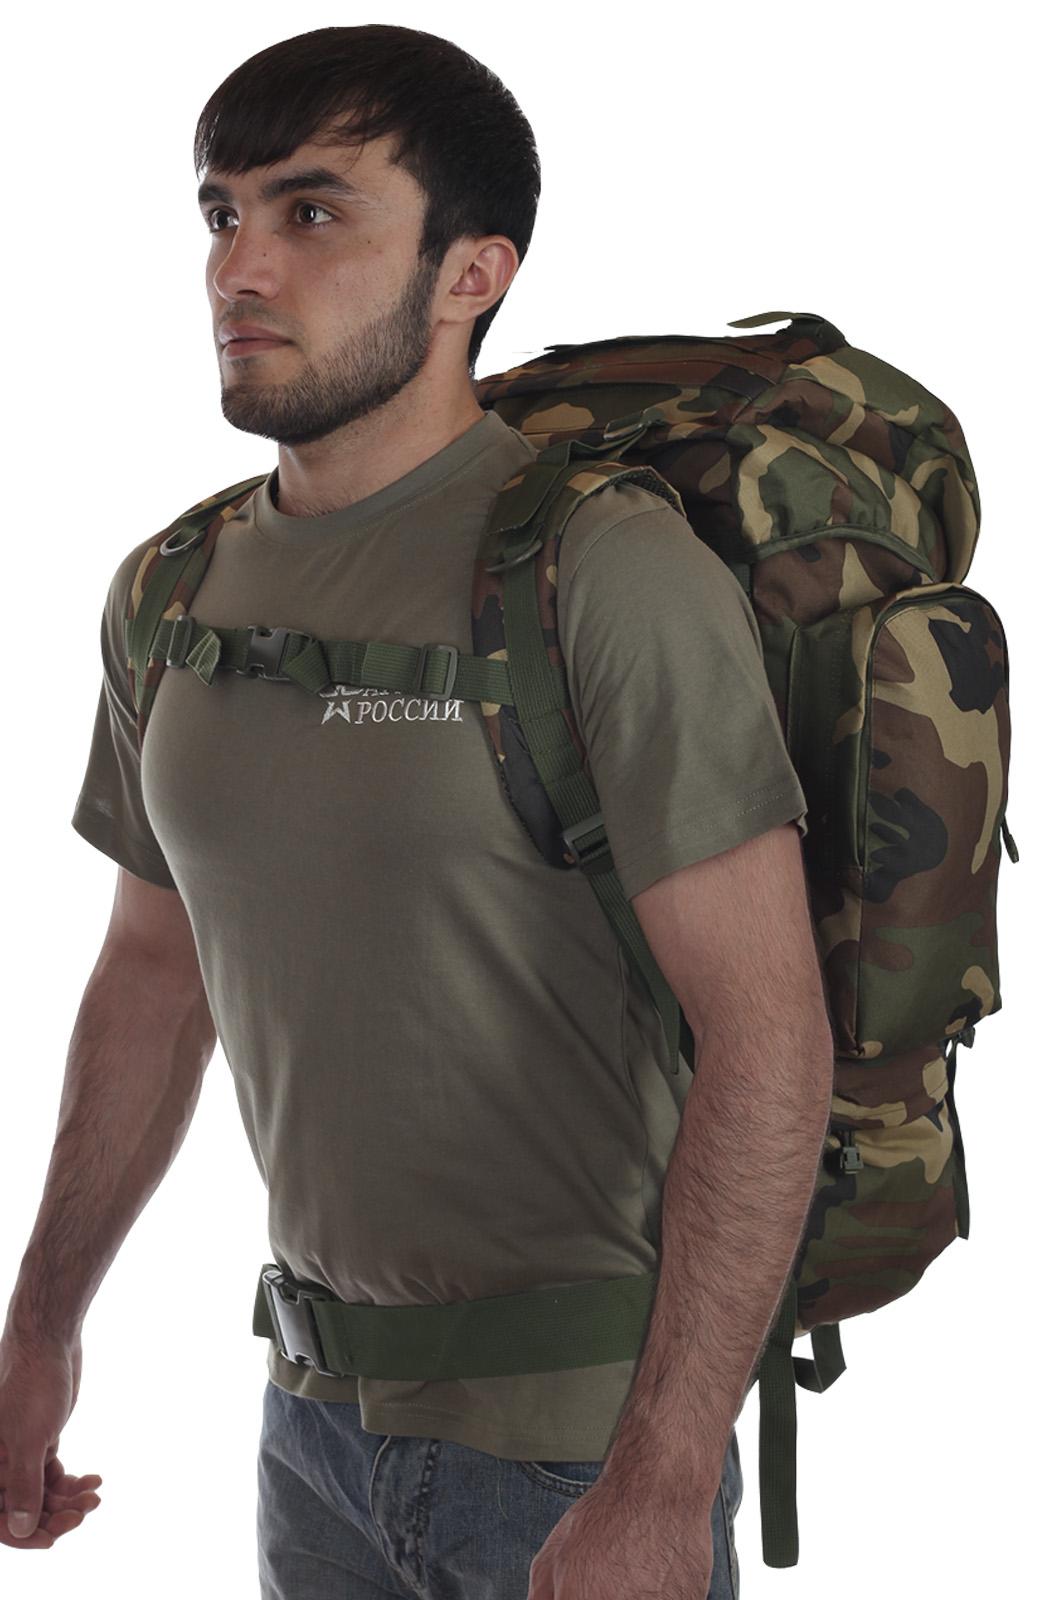 Камуфляжный тактический рюкзак CCE Погранвойска - купить в розницу